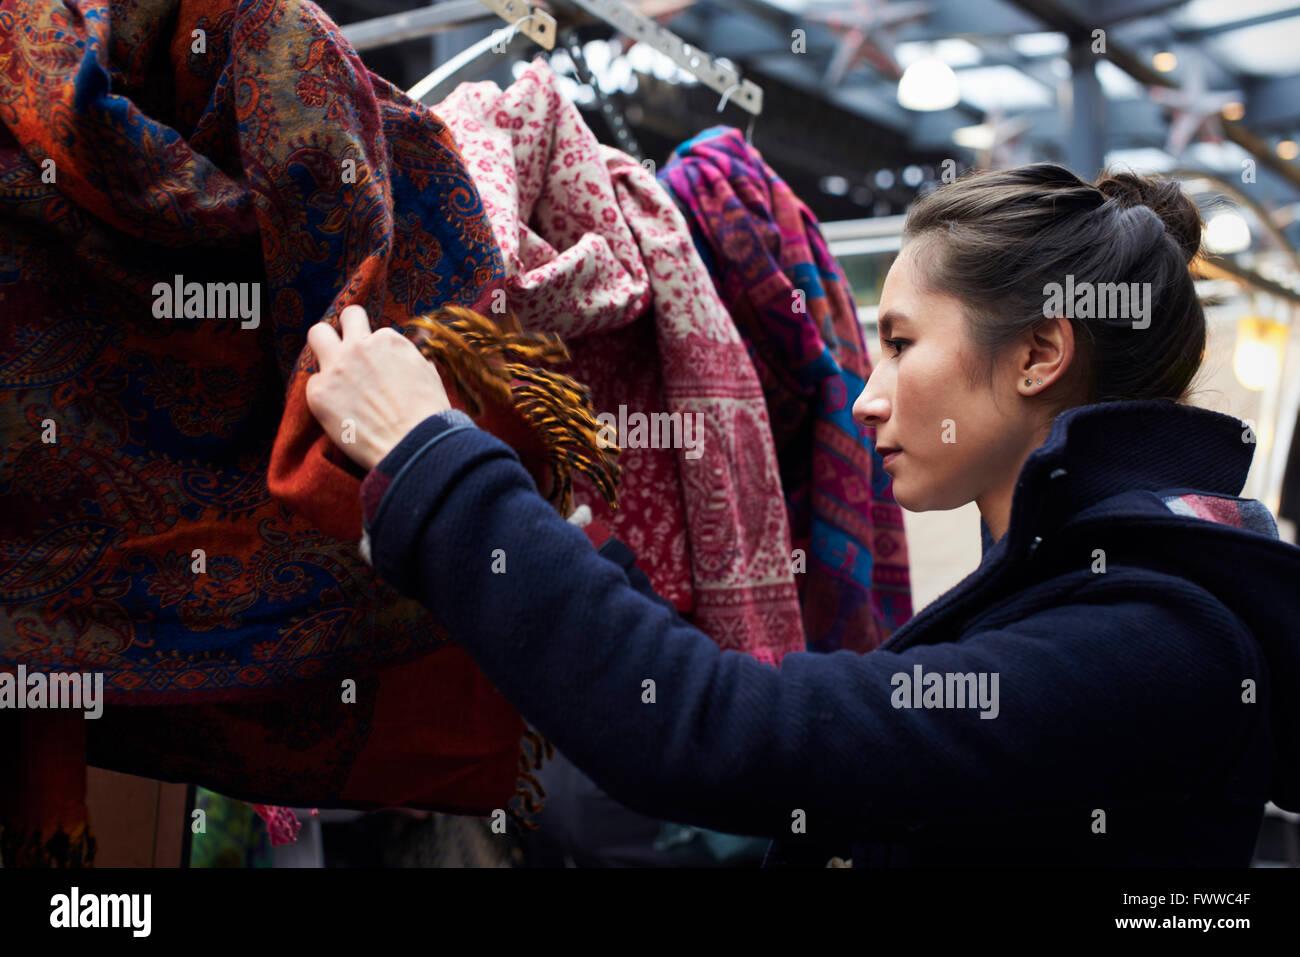 Mujer joven Compras en Mercado Cubierto Foto de stock